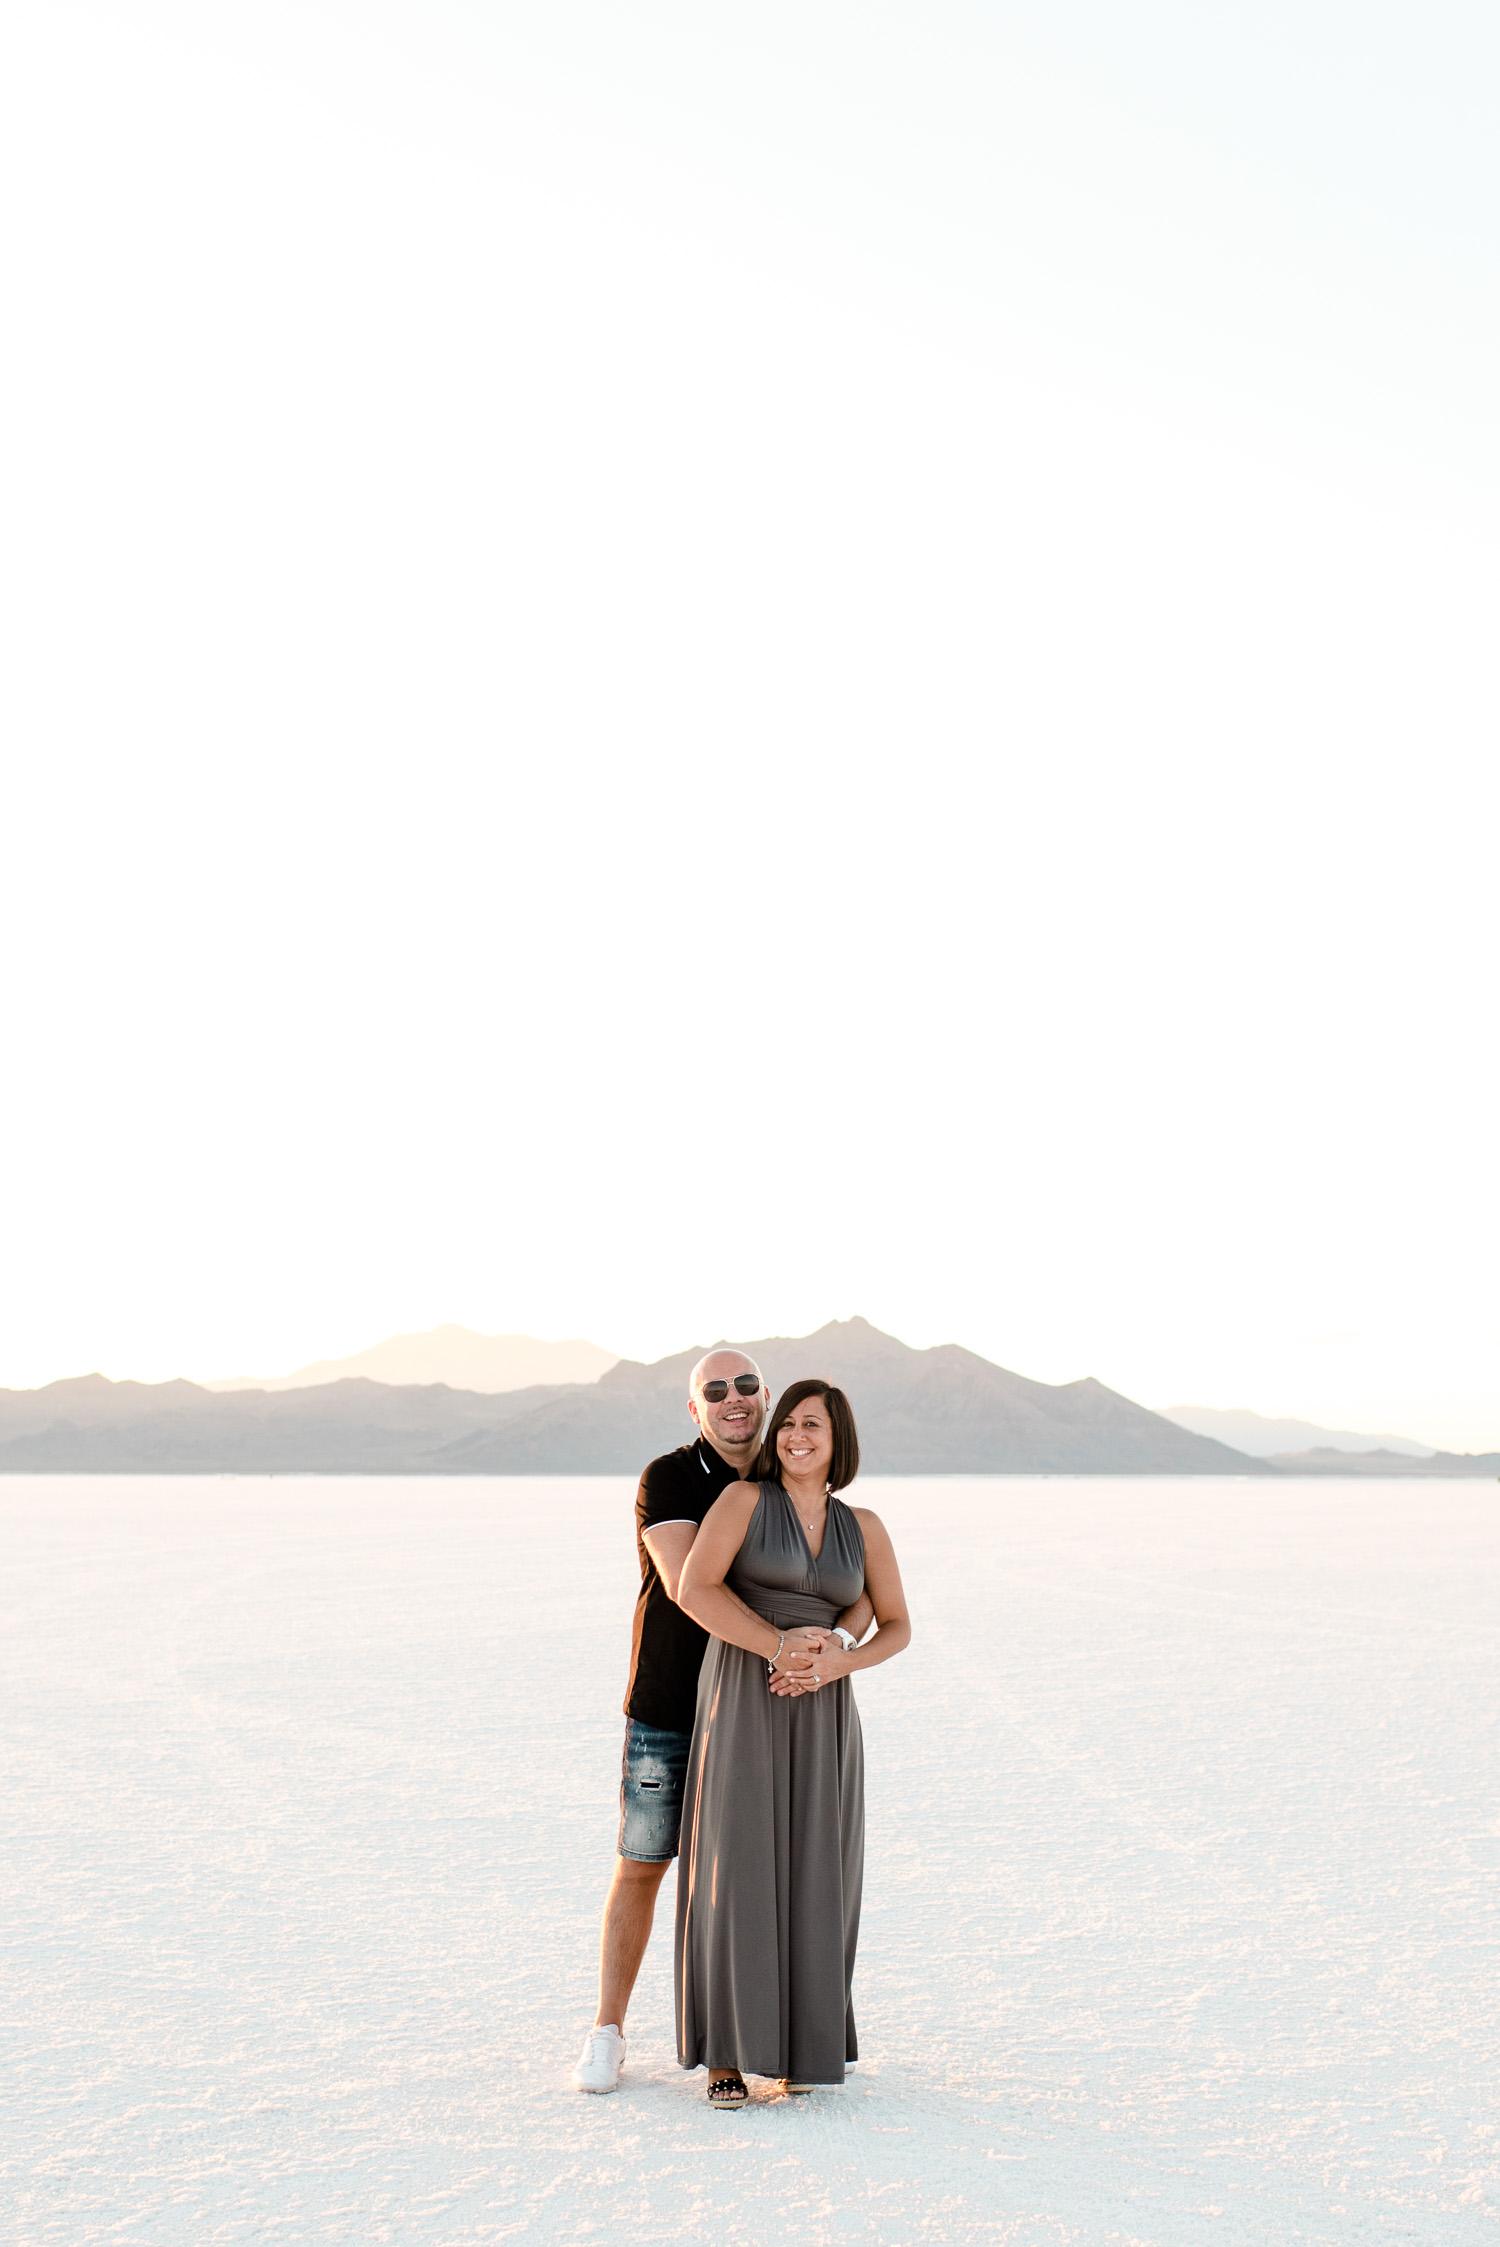 Salt_Flats_Family_CfairchildPhotography-8.jpg